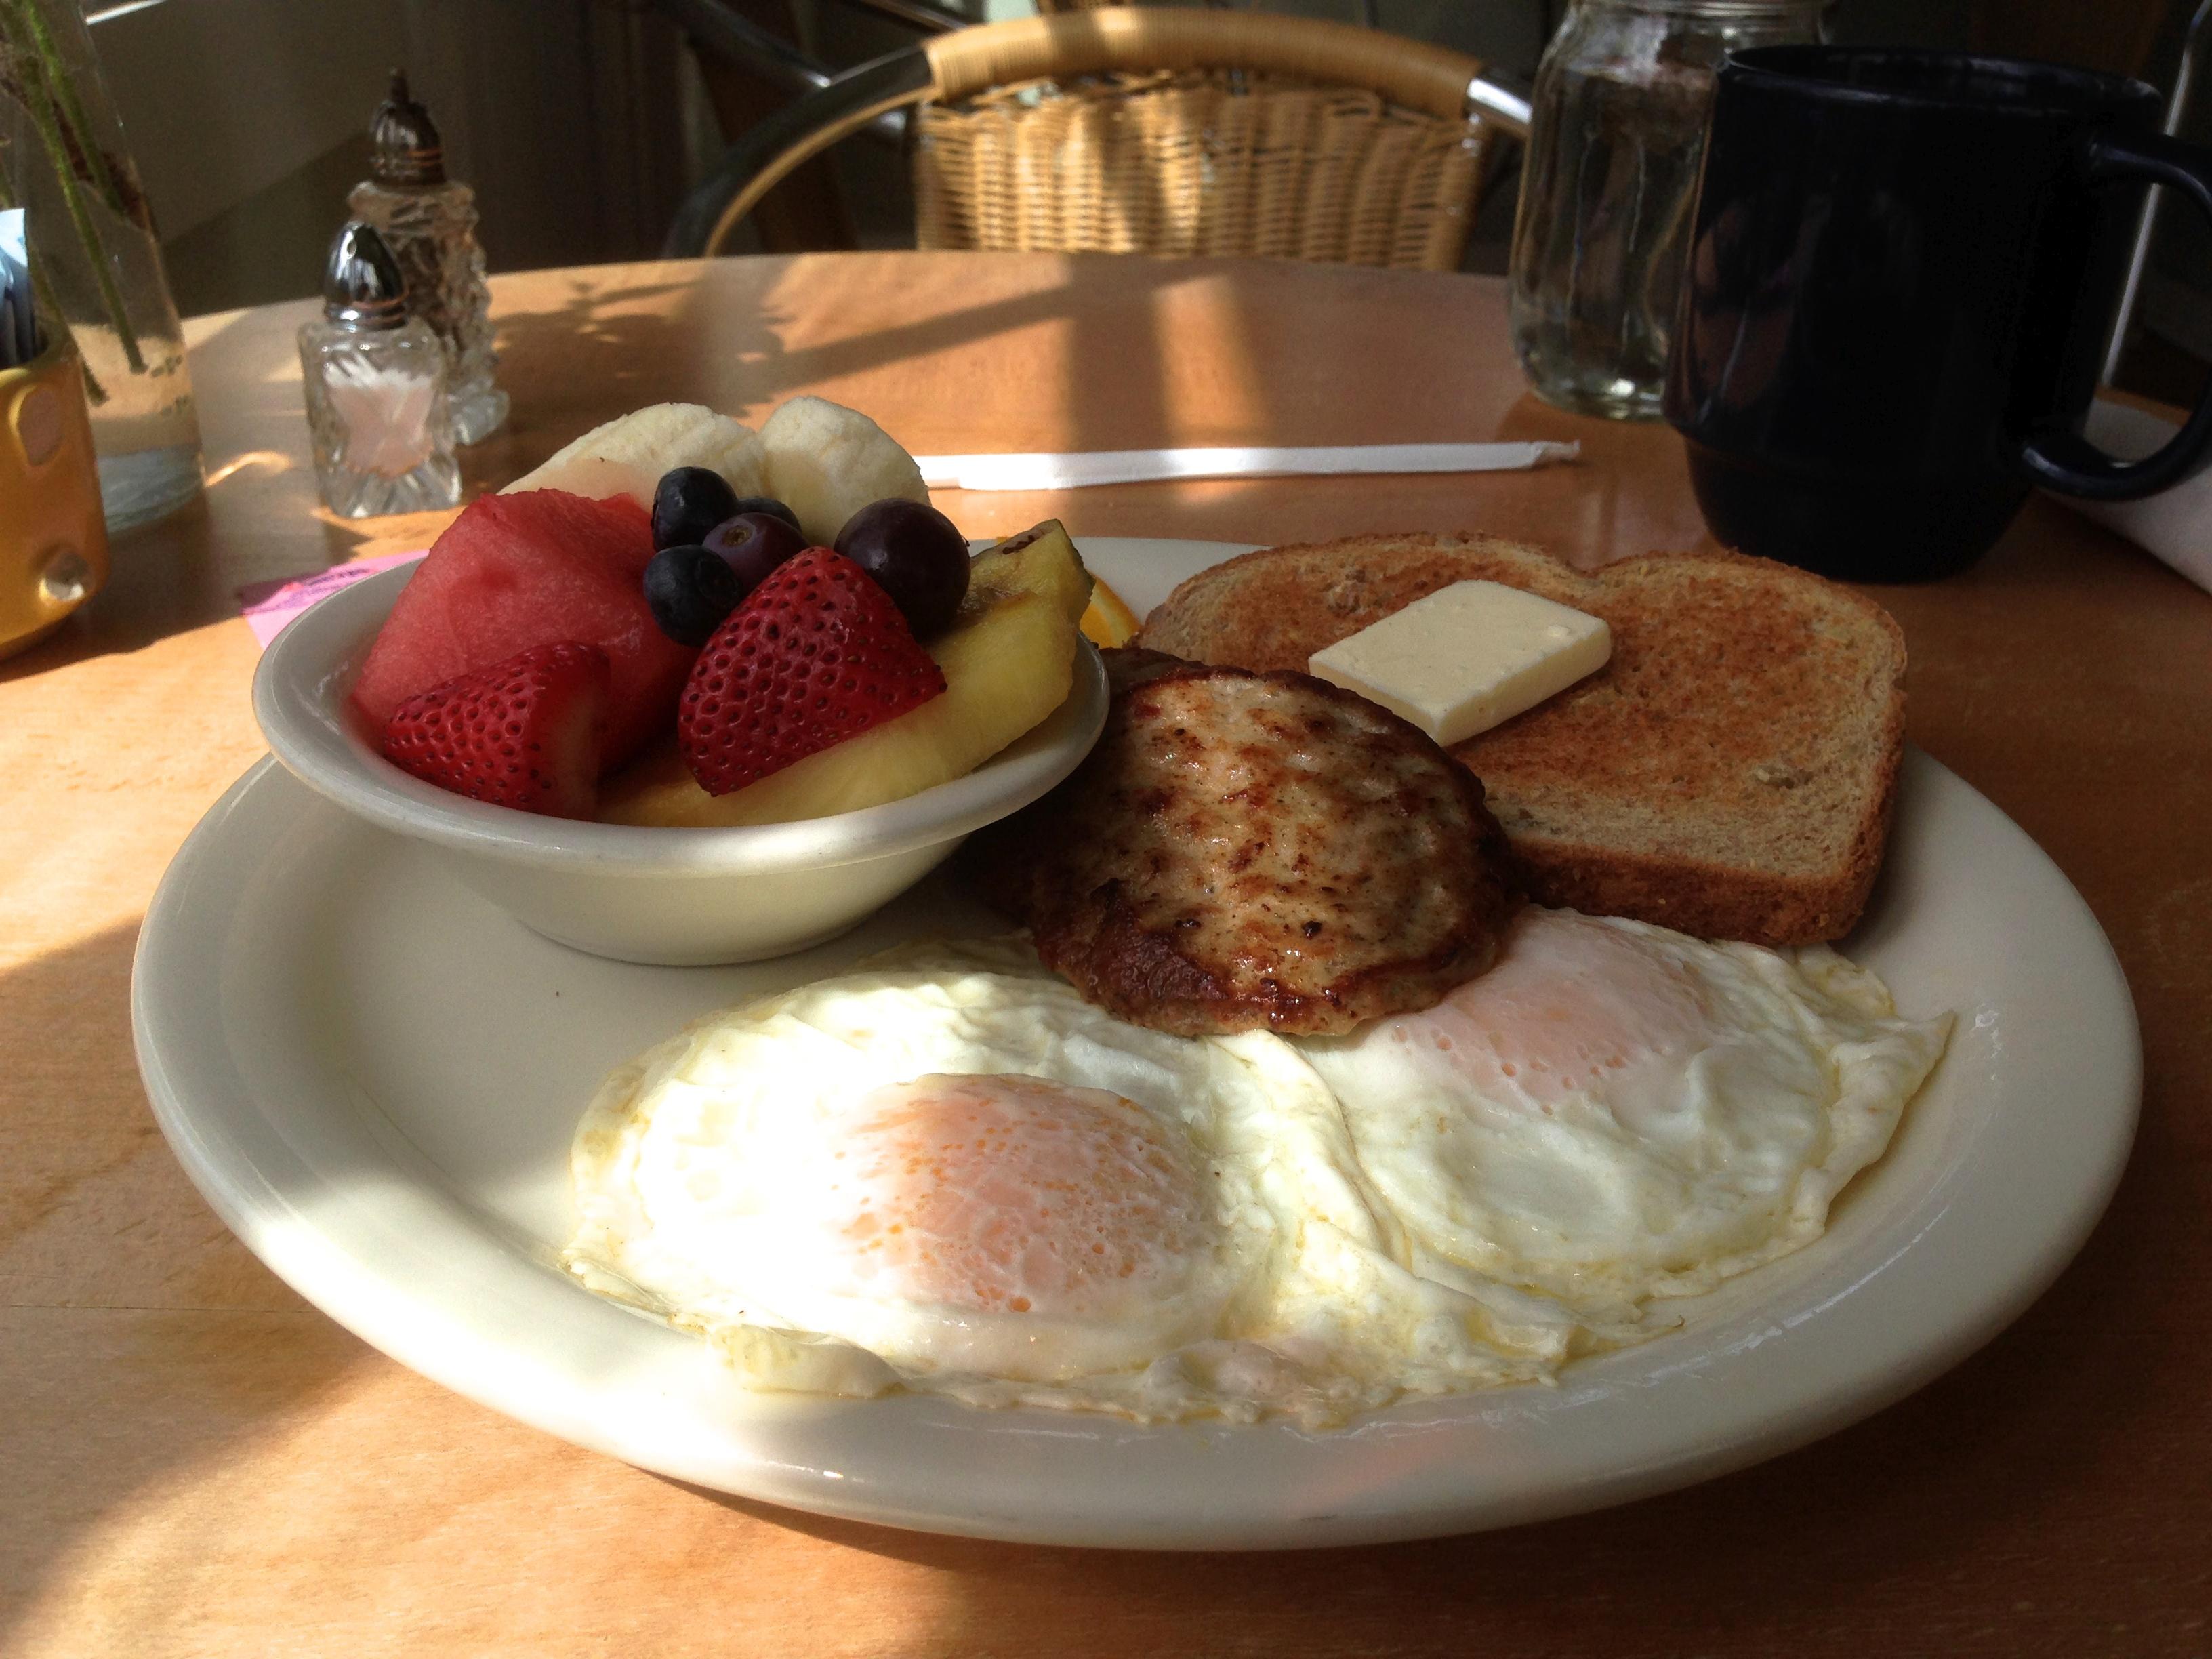 Домашний завтрак фото